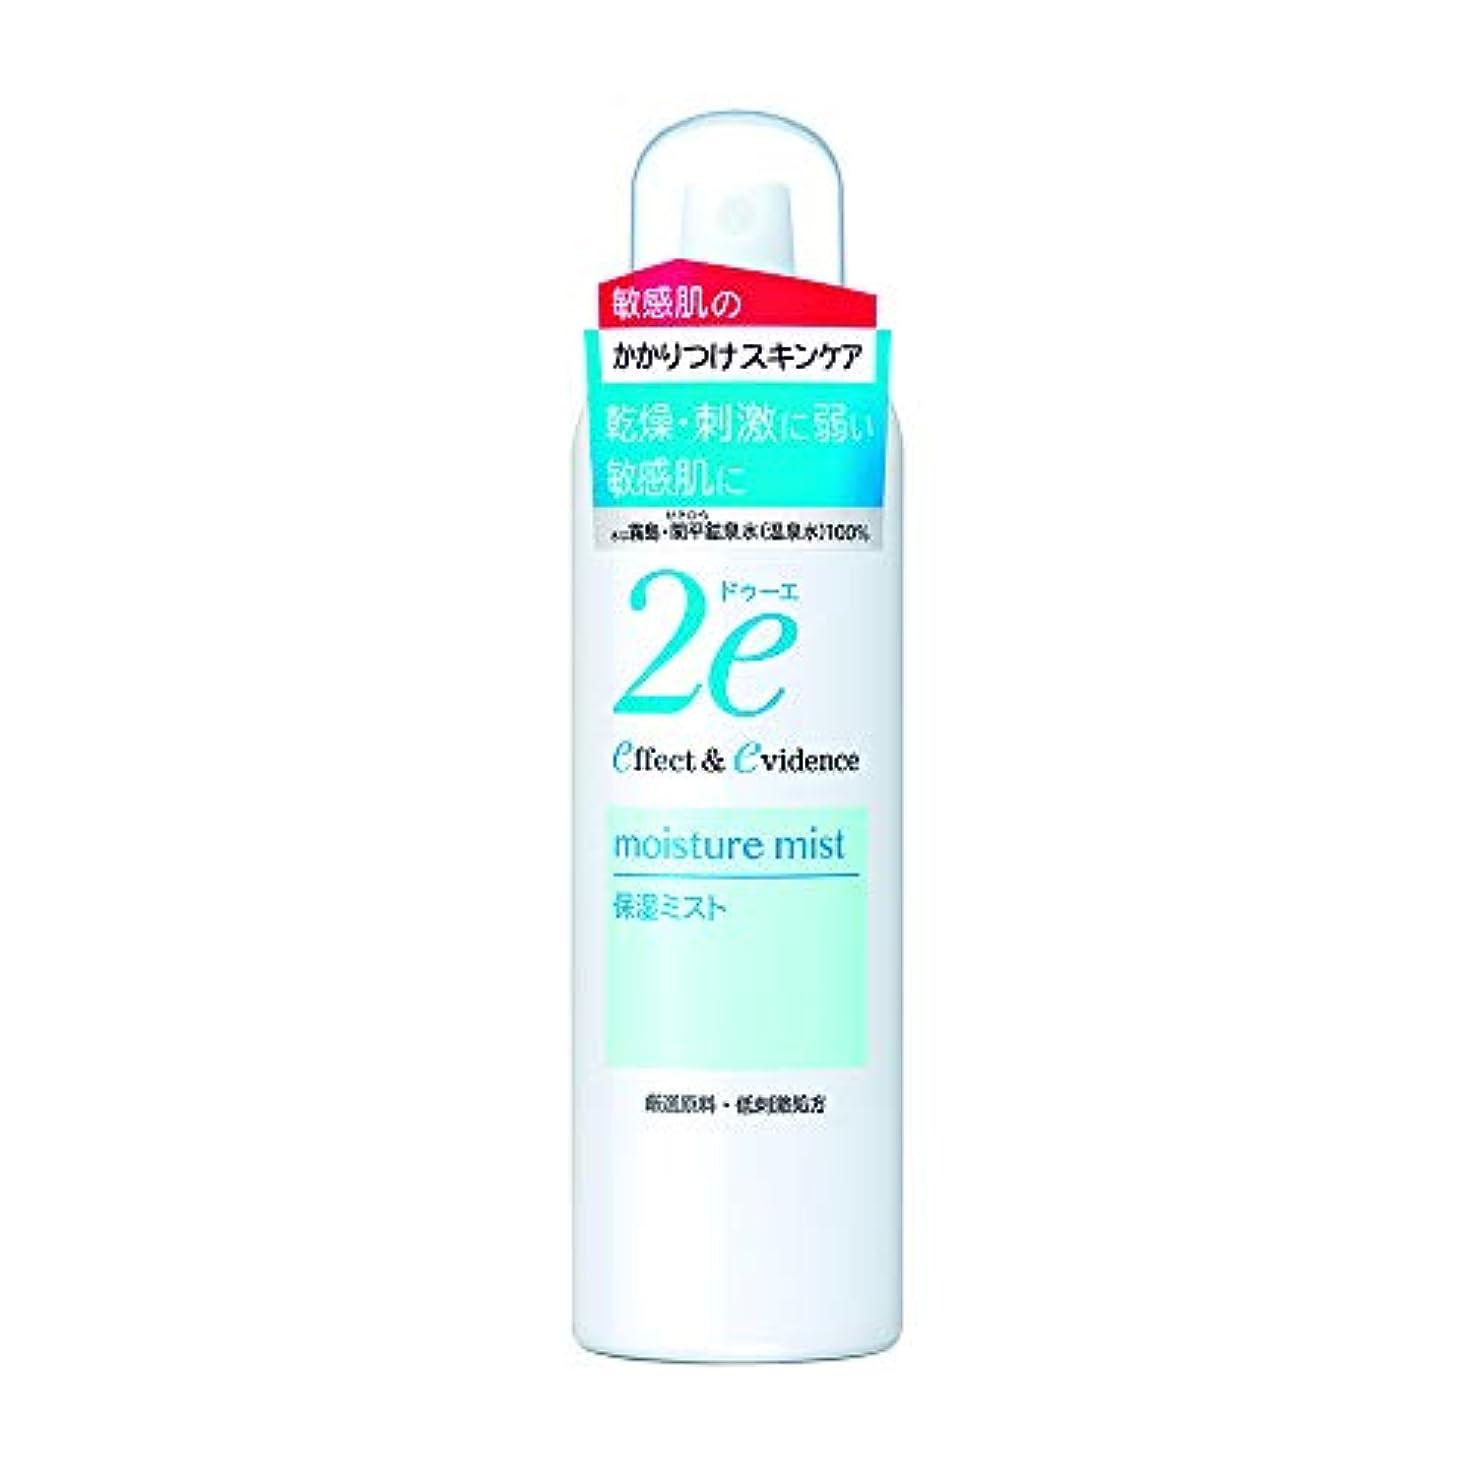 労働者寛容な負荷2e(ドゥーエ) 保湿ミスト 敏感肌用化粧水 スプレータイプ 低刺激処方 180g